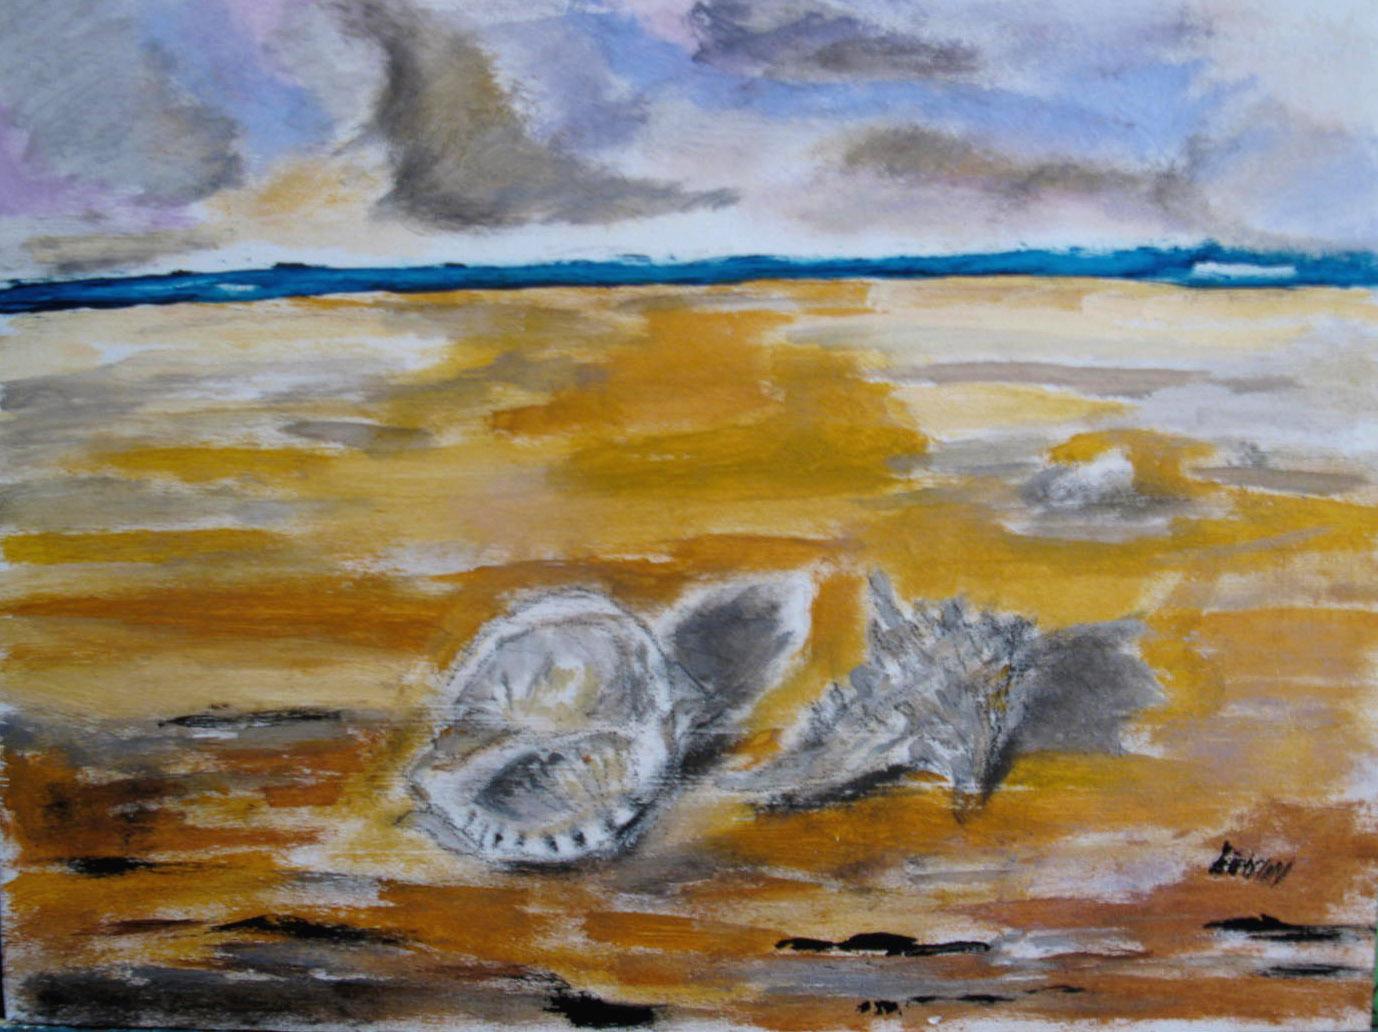 Comprare quadri Buy original paintings comprare Arte ...